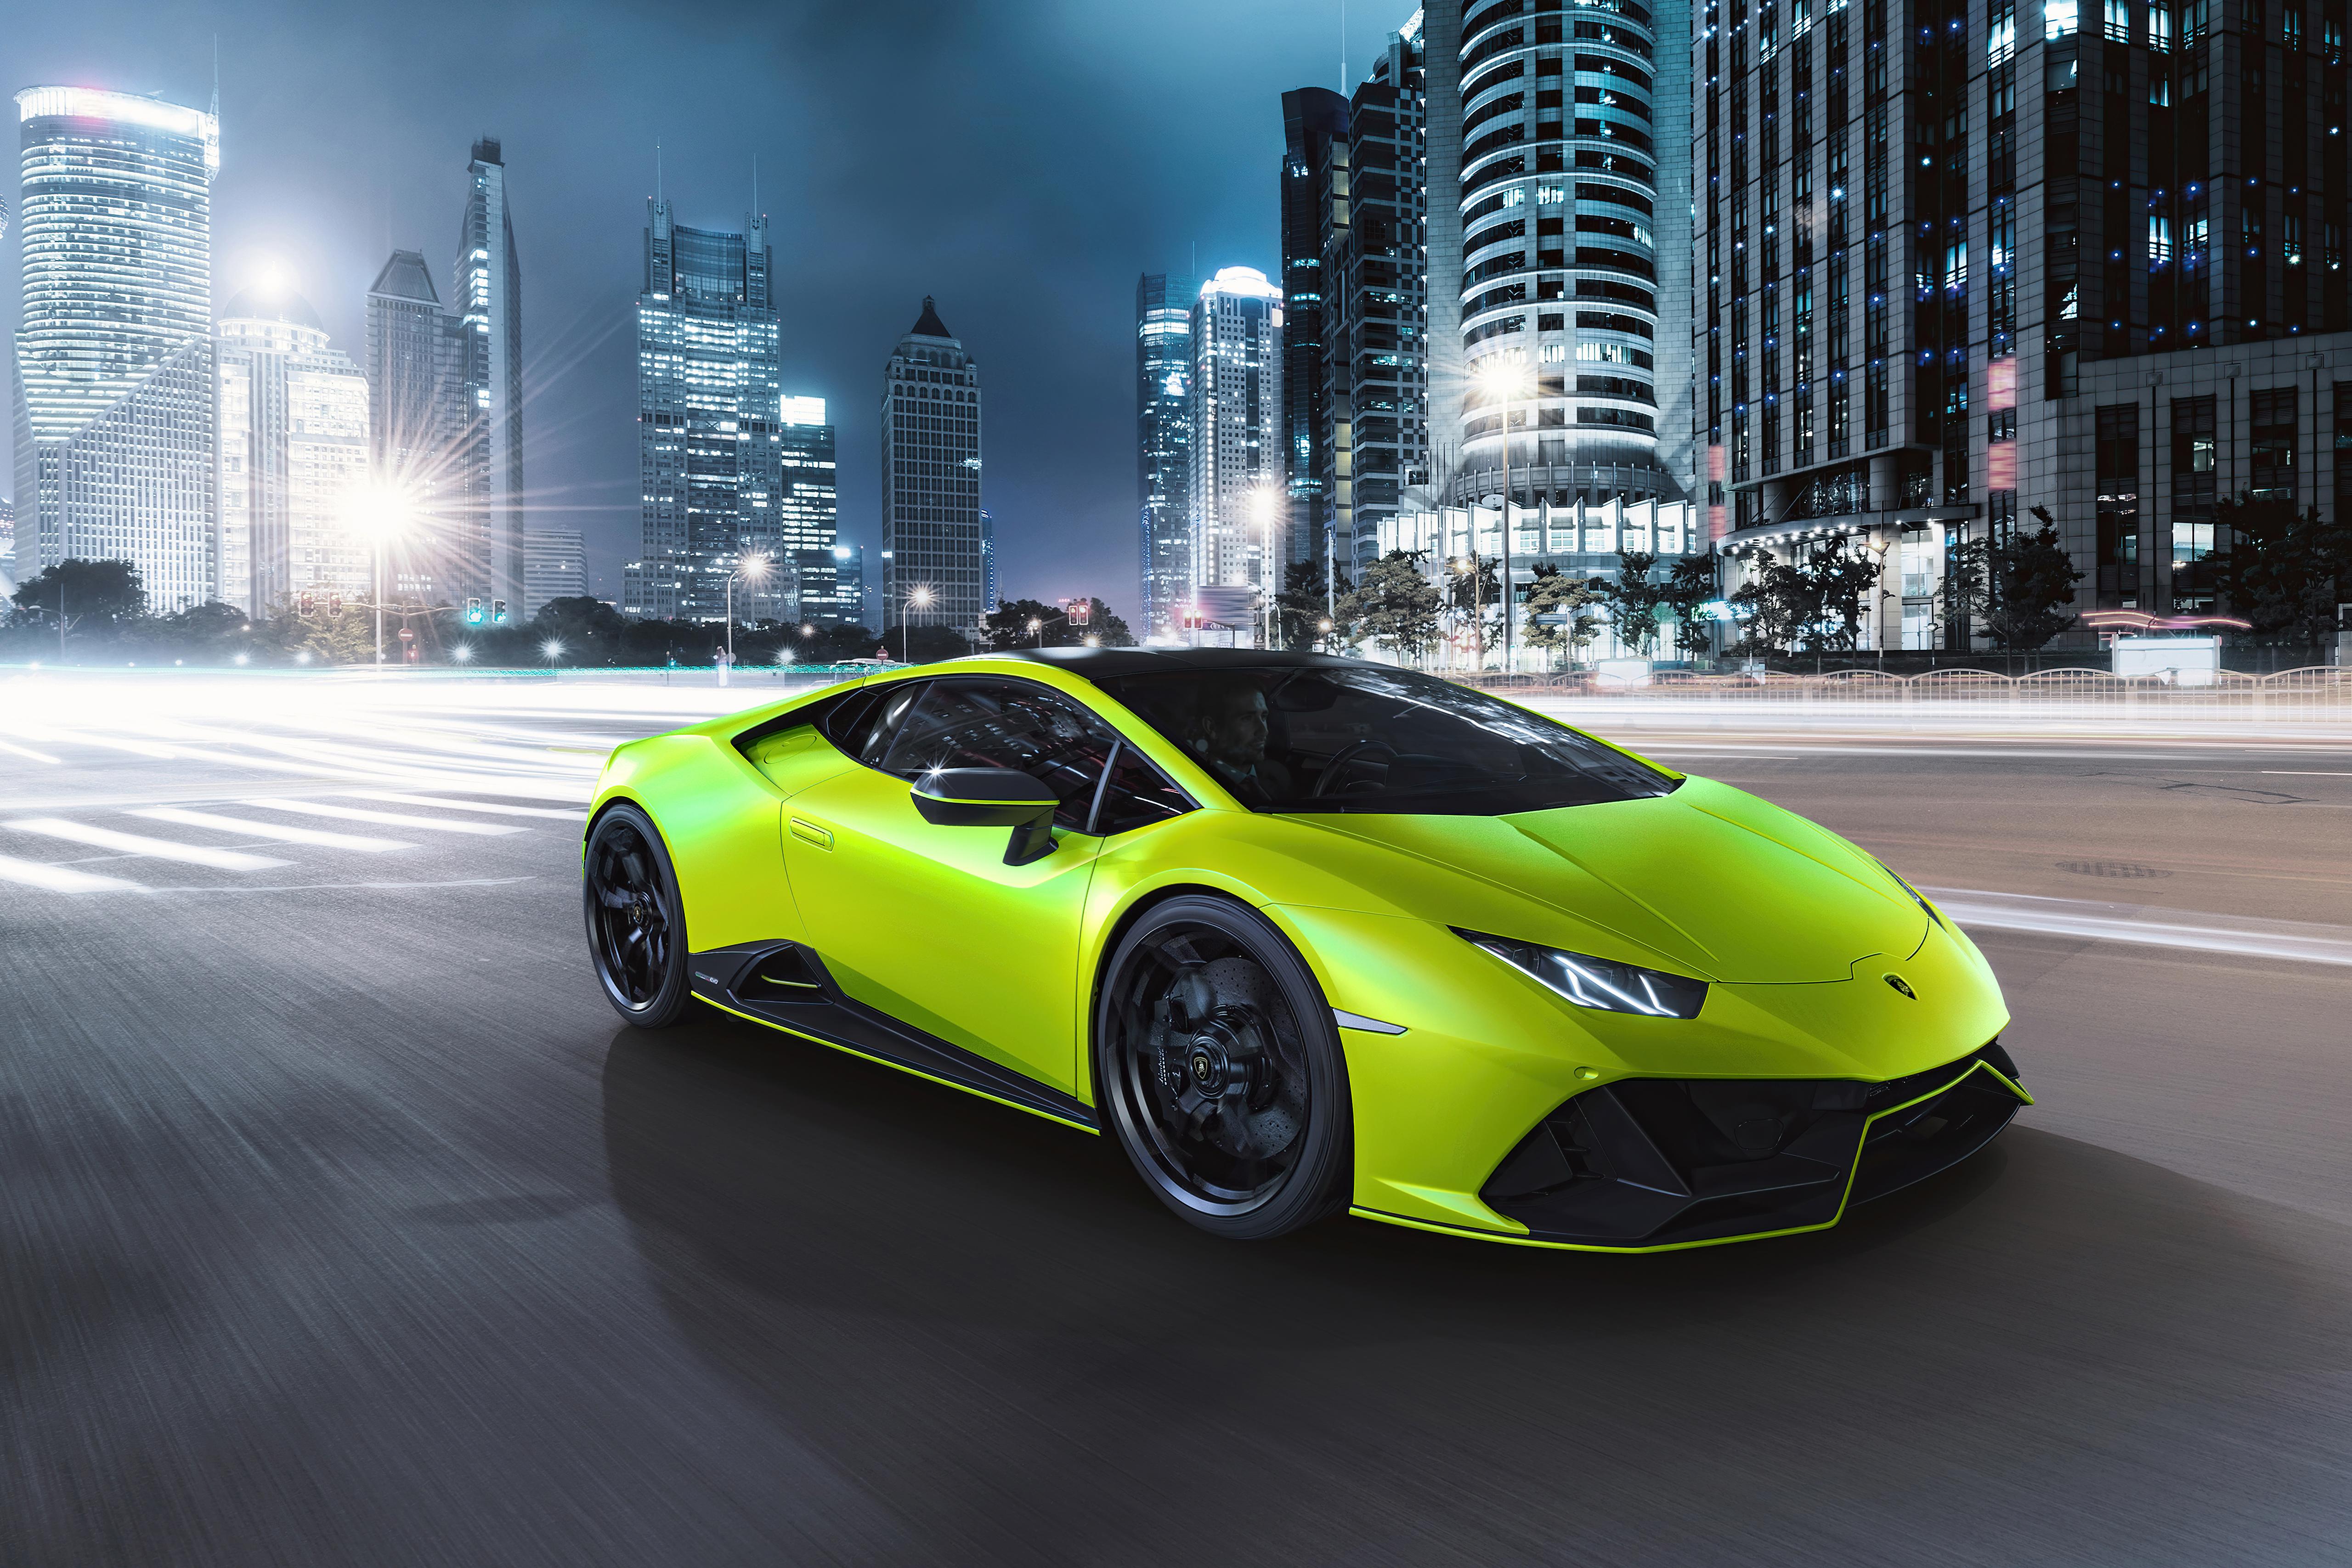 Wallpaper Lamborghini Huracan Evo Fluo Capsule 1G